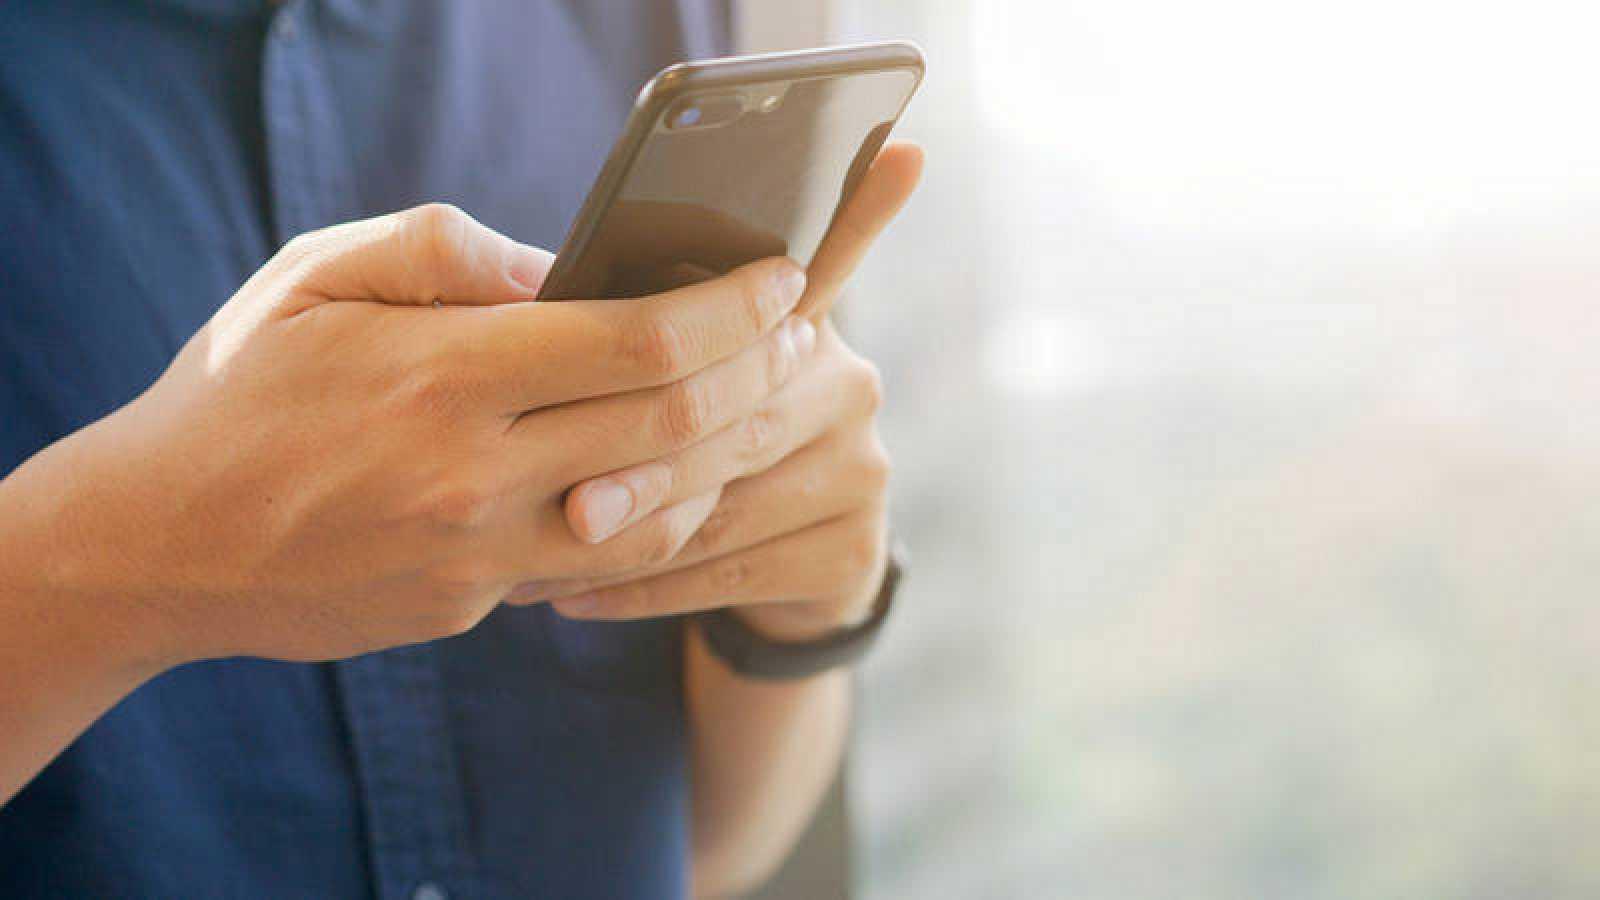 COMUNICADO COMNA: Teléfono 848 428234 para cribado de coronavirus de médicos de la sanidad pública y privada.